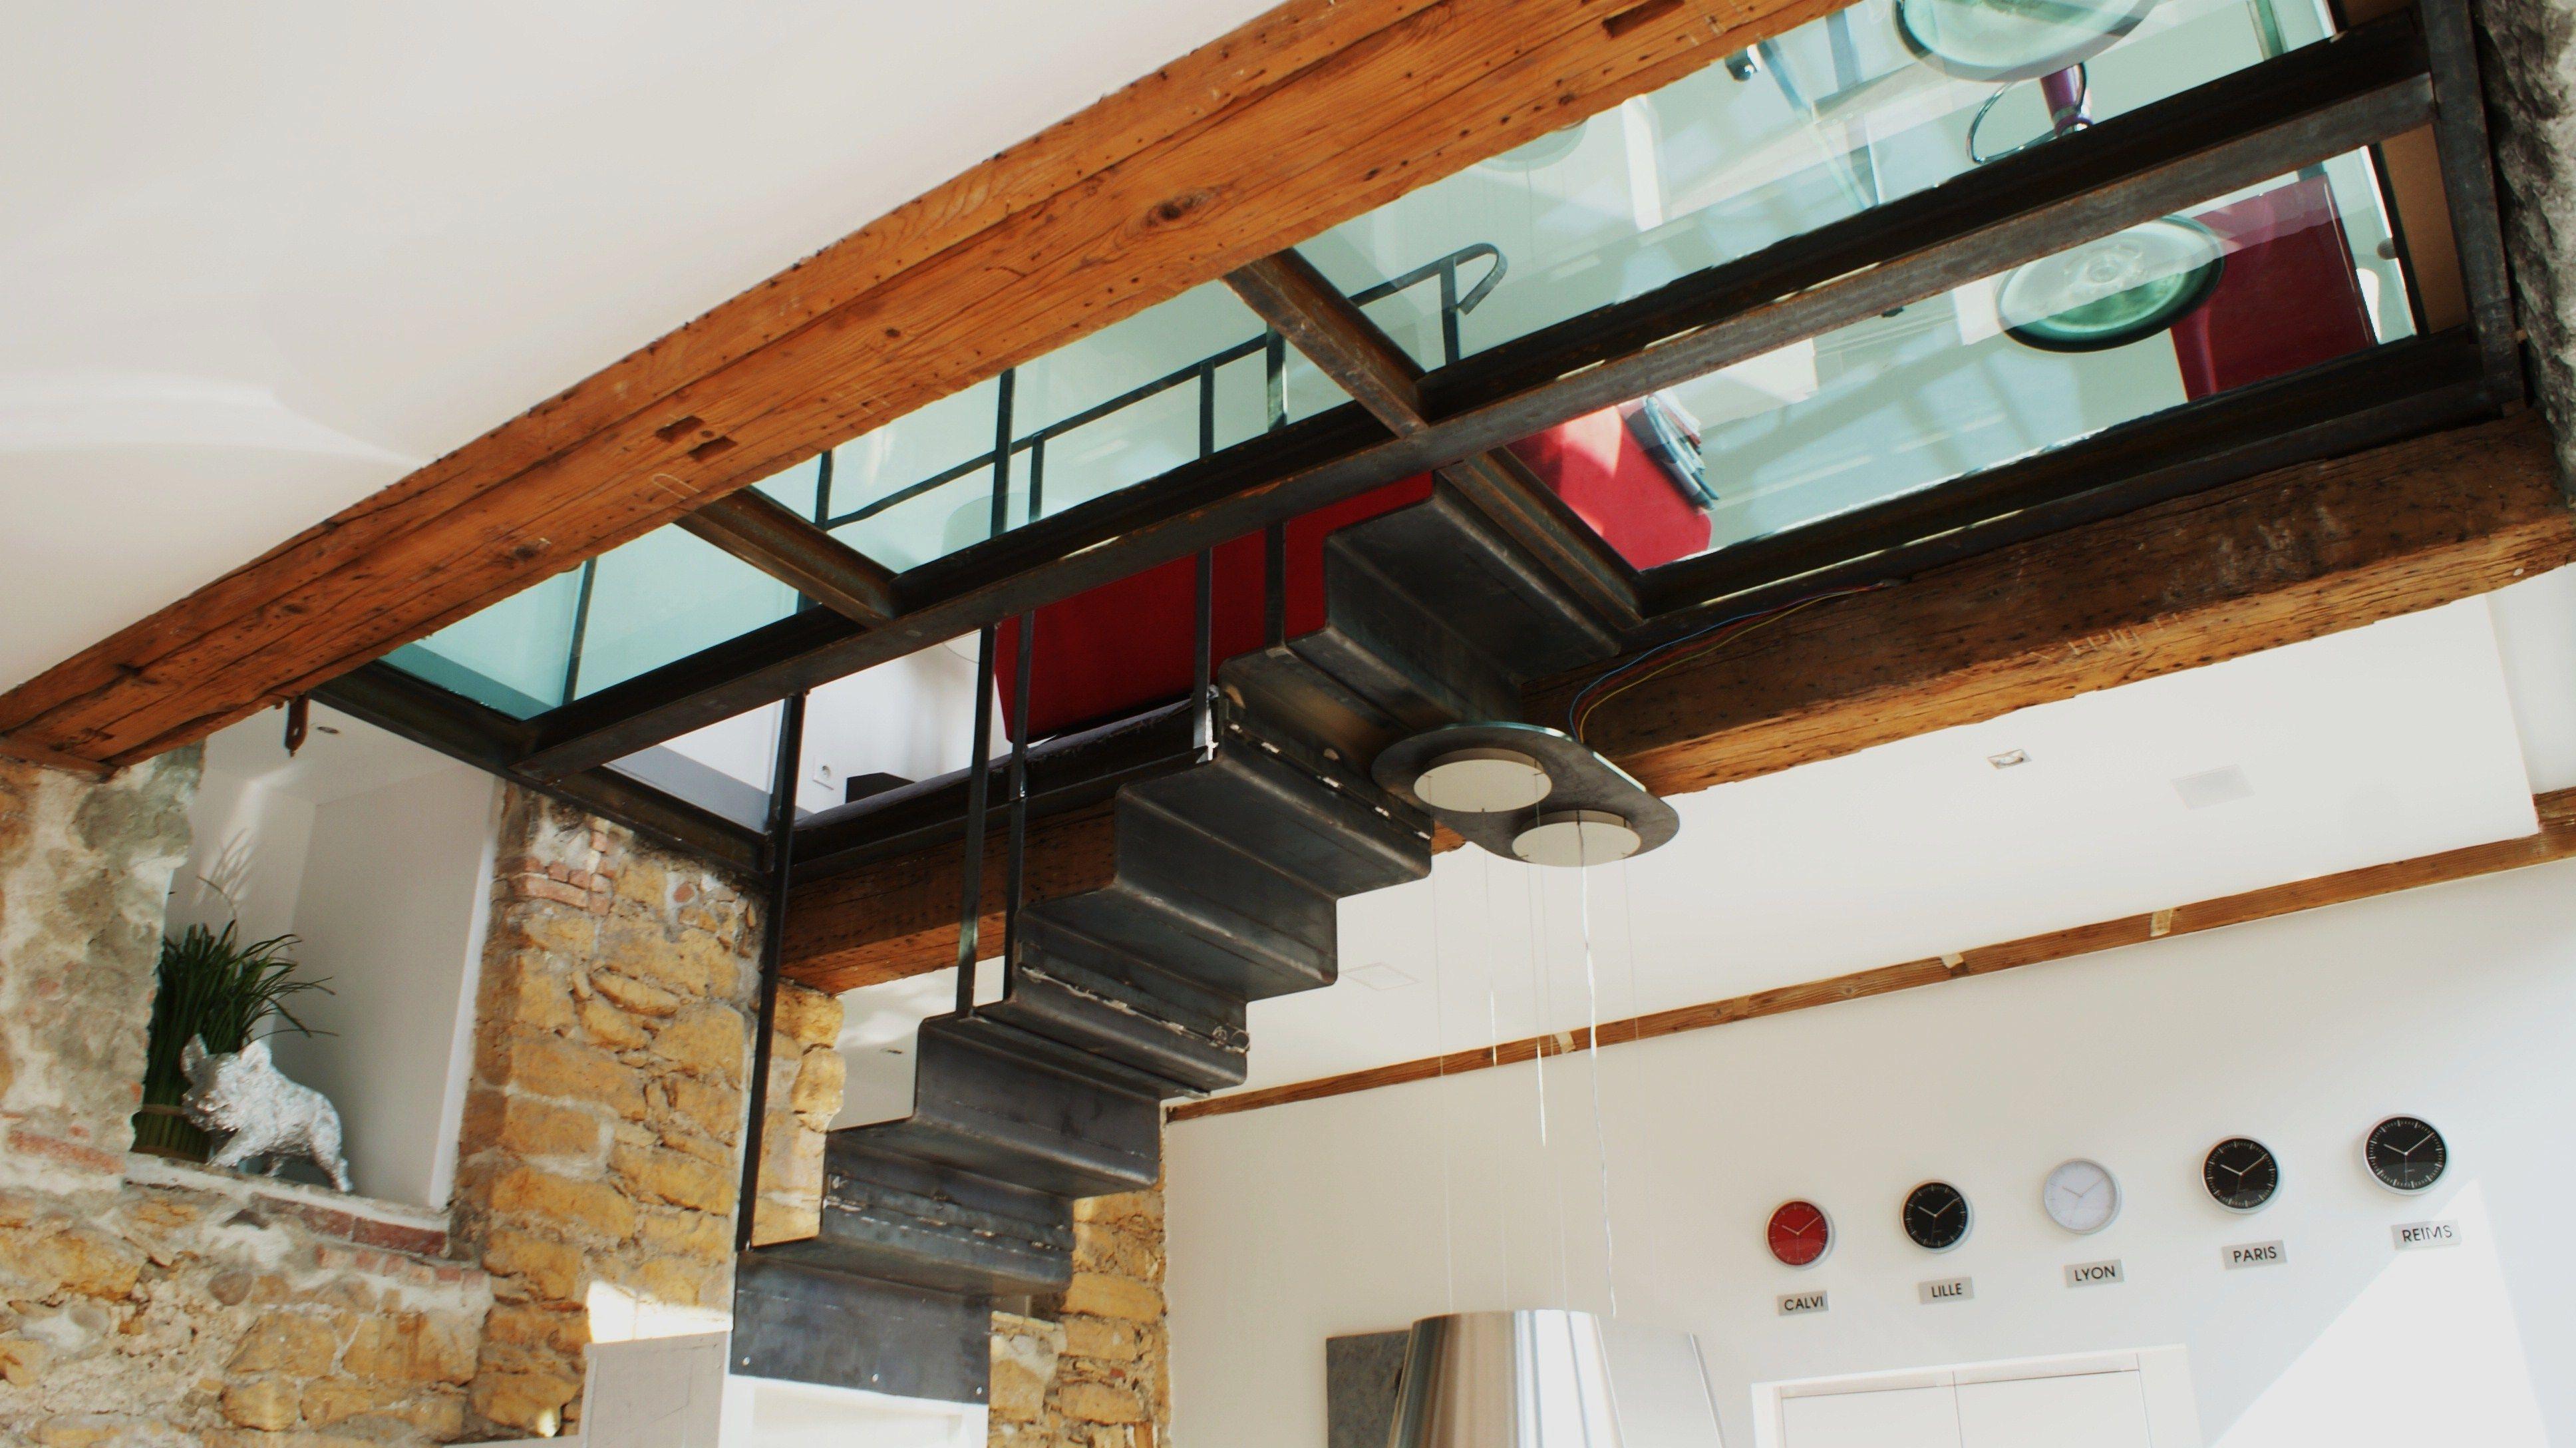 Escaliers pour un loft en métal plié aérien, et contemporain